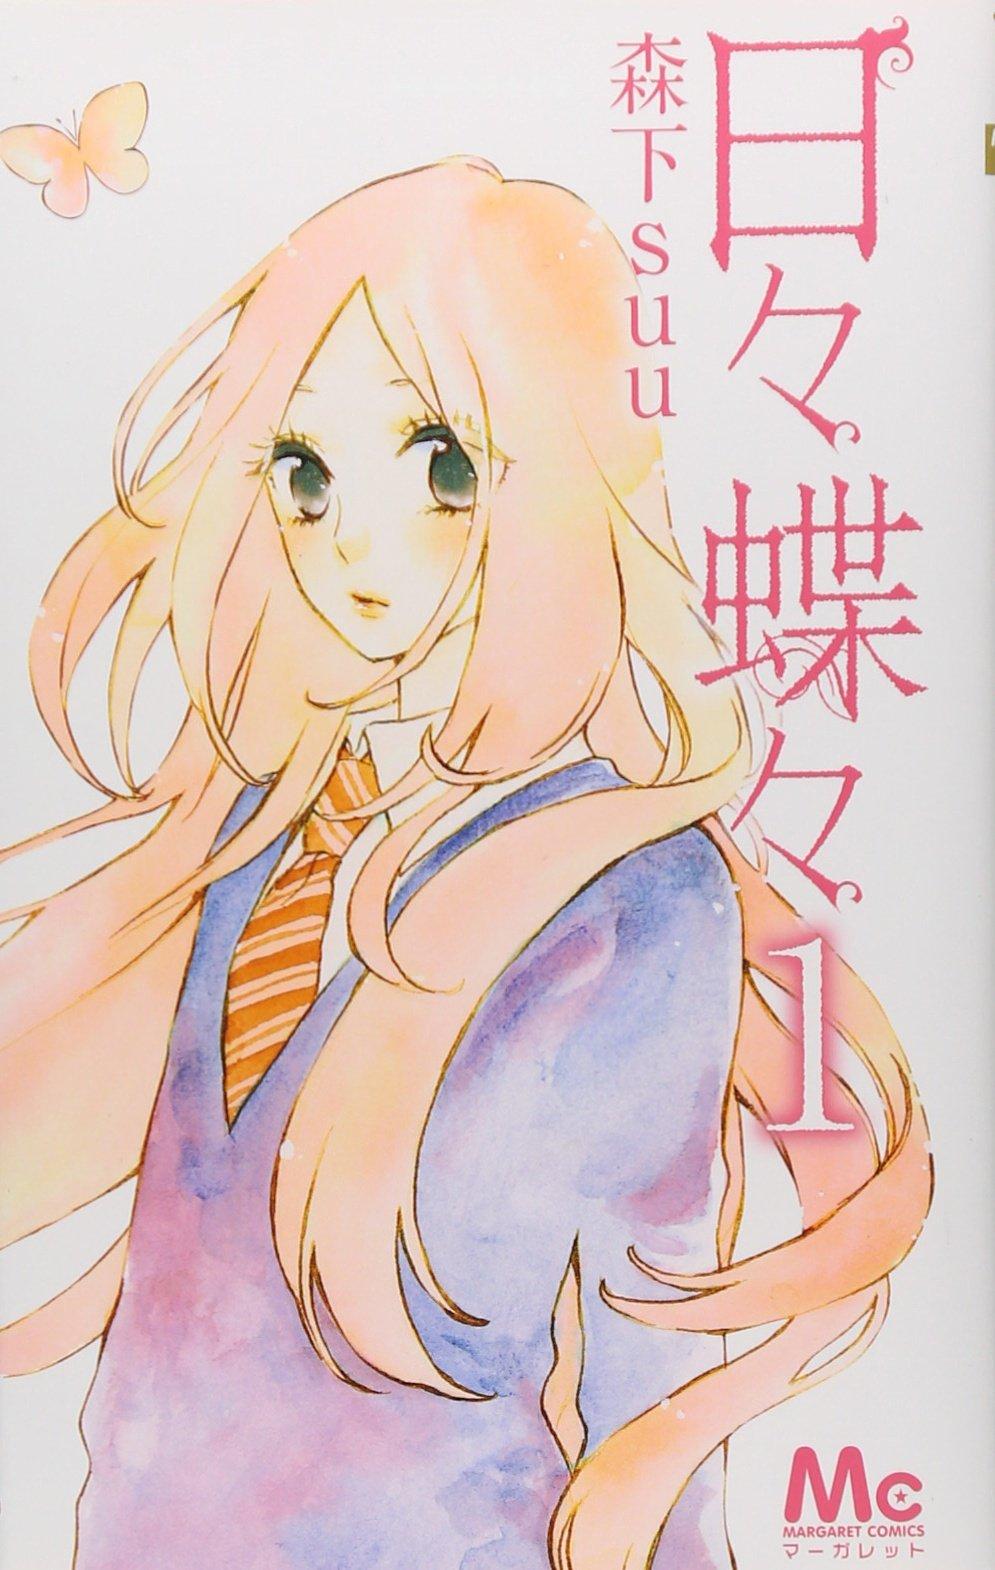 絶対に面白い王道少女漫画おすすめ5選!